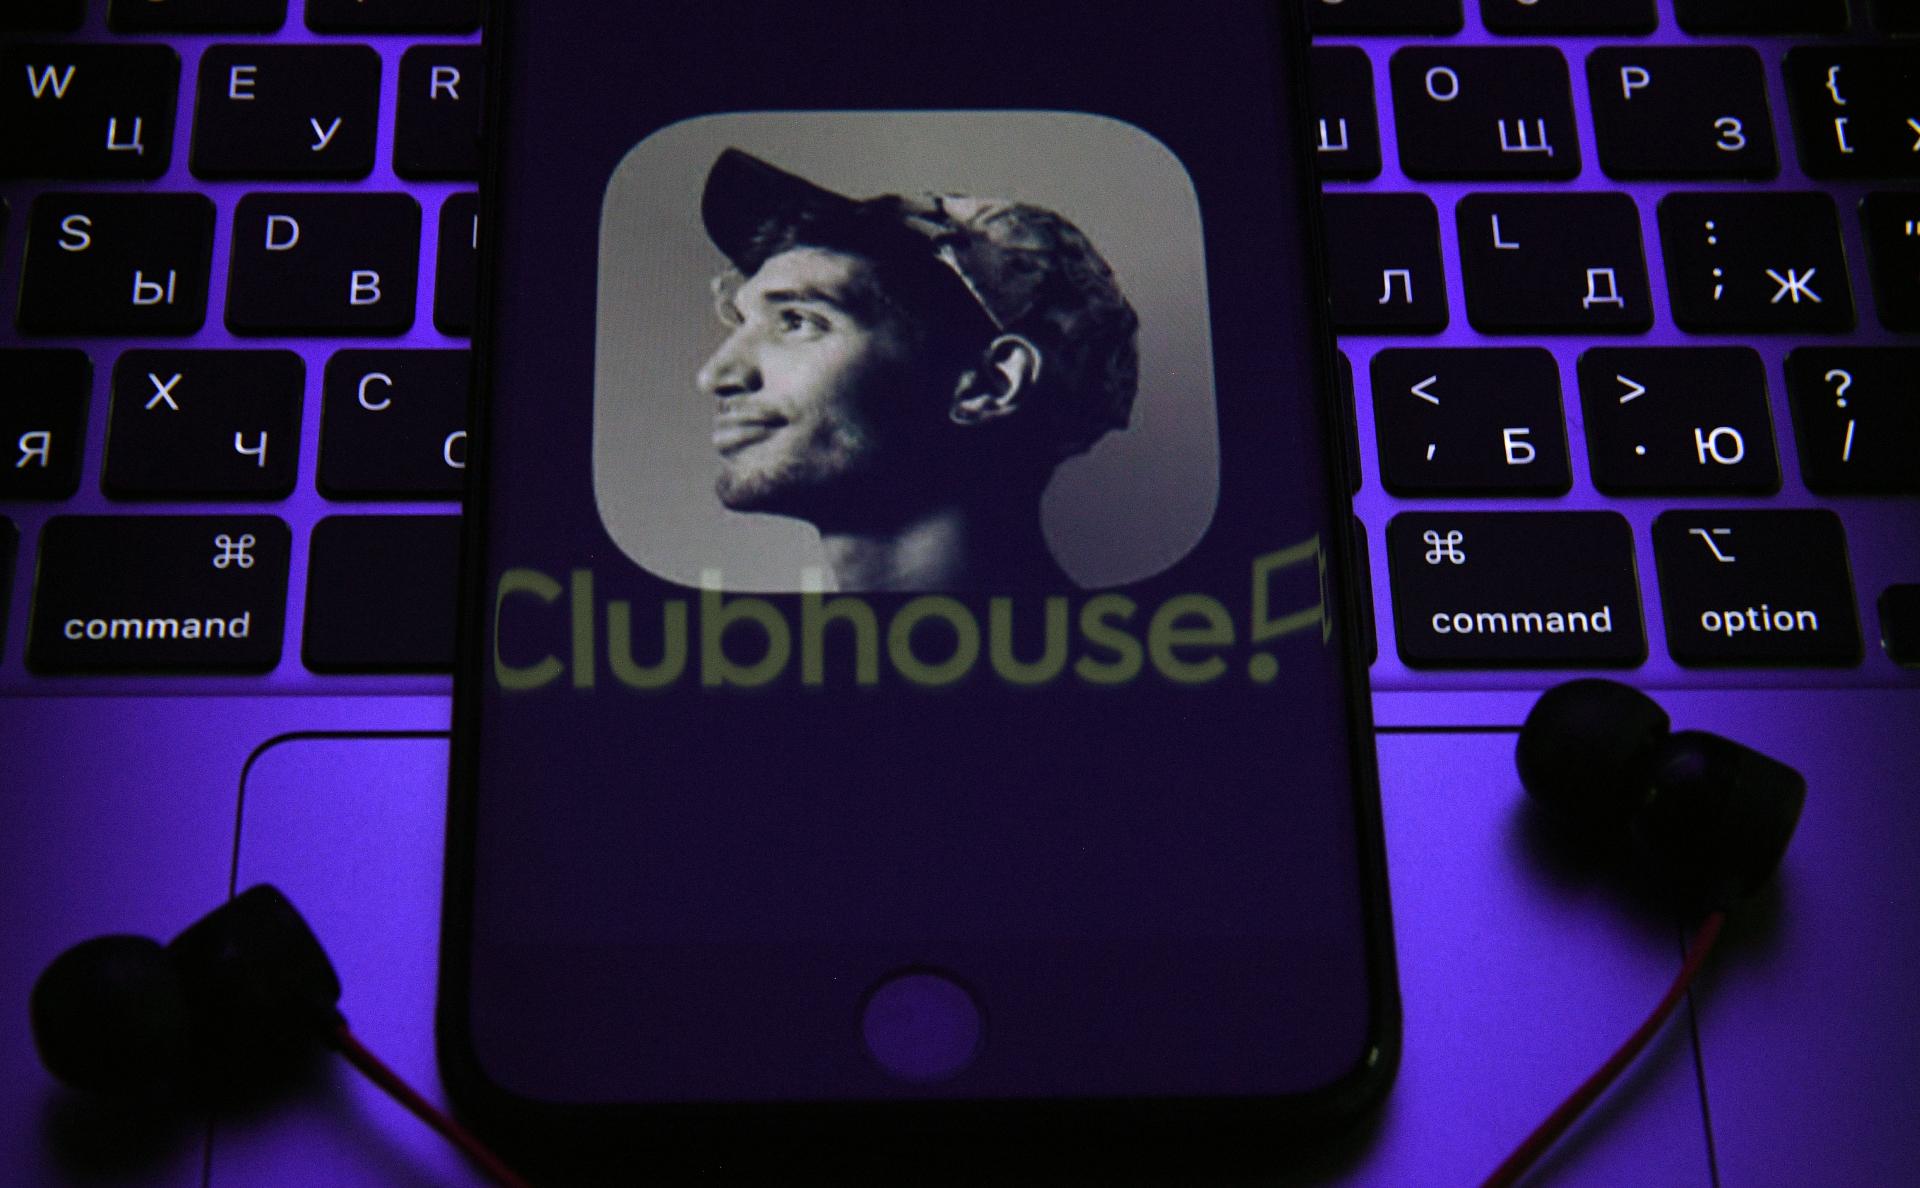 В Clubhouse стали появляться фейки известных людей. Что важно знать